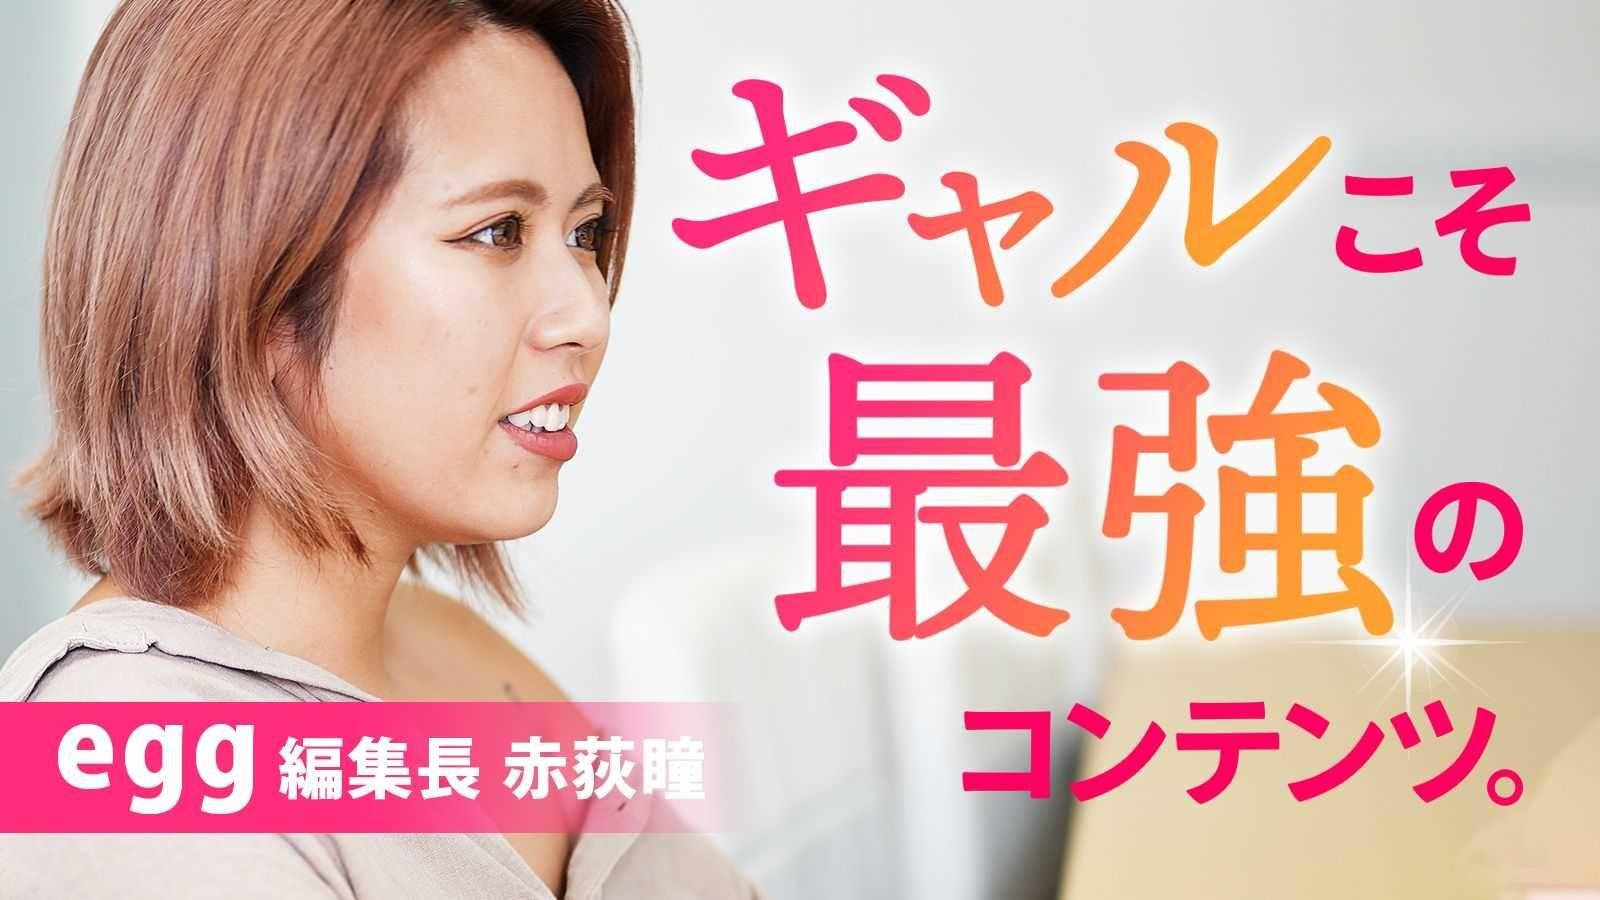 40万再生突破、ギャル版恋リア『エグハ』の衝撃|egg 赤荻瞳